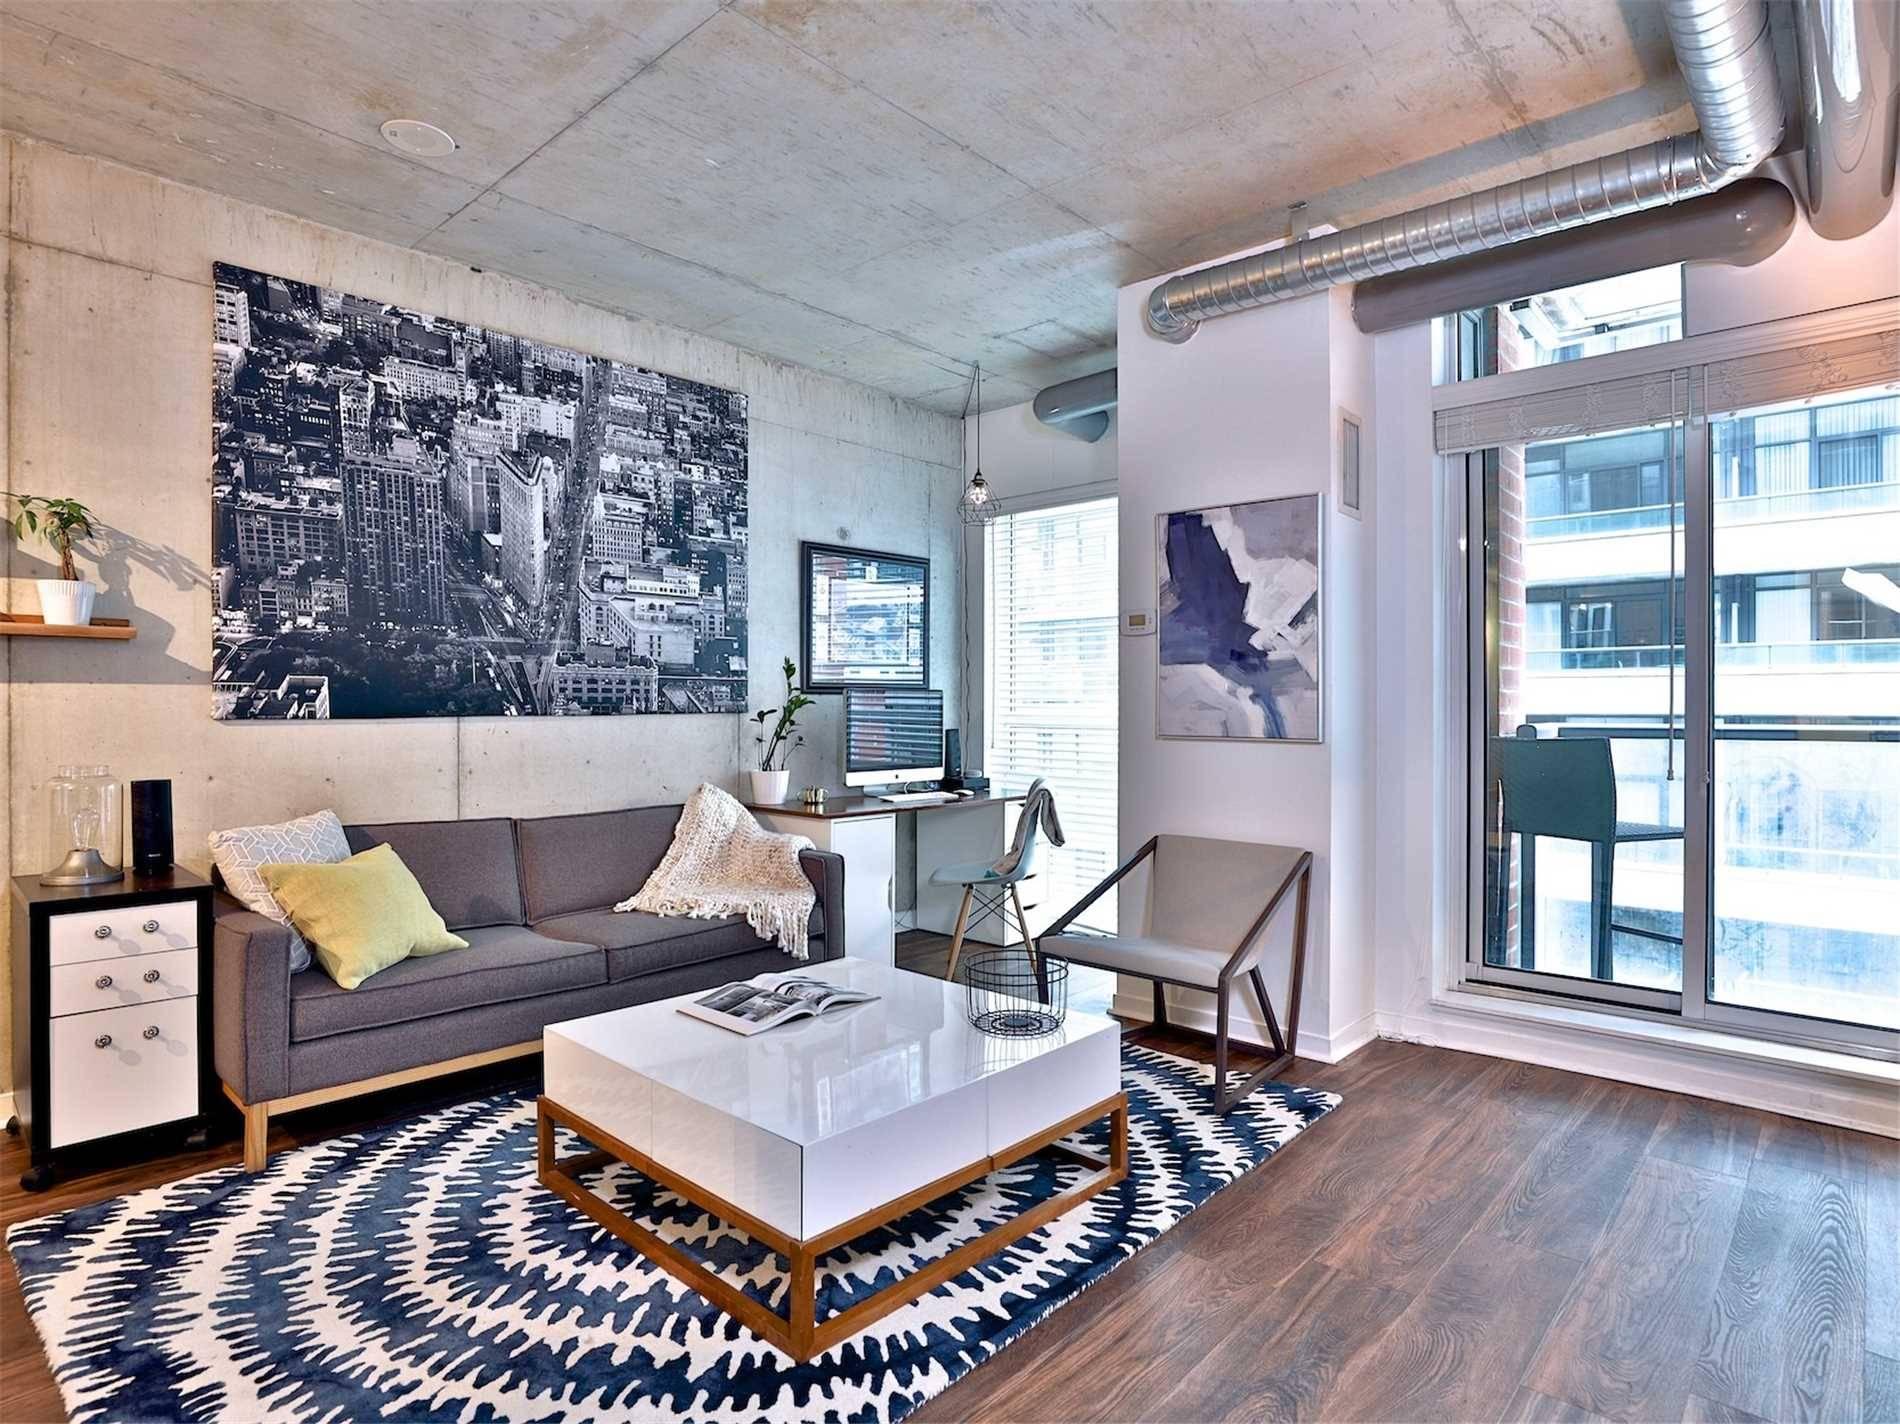 Westside Gallery Lofts Condos: 150 Sudbury Street, Toronto, ON